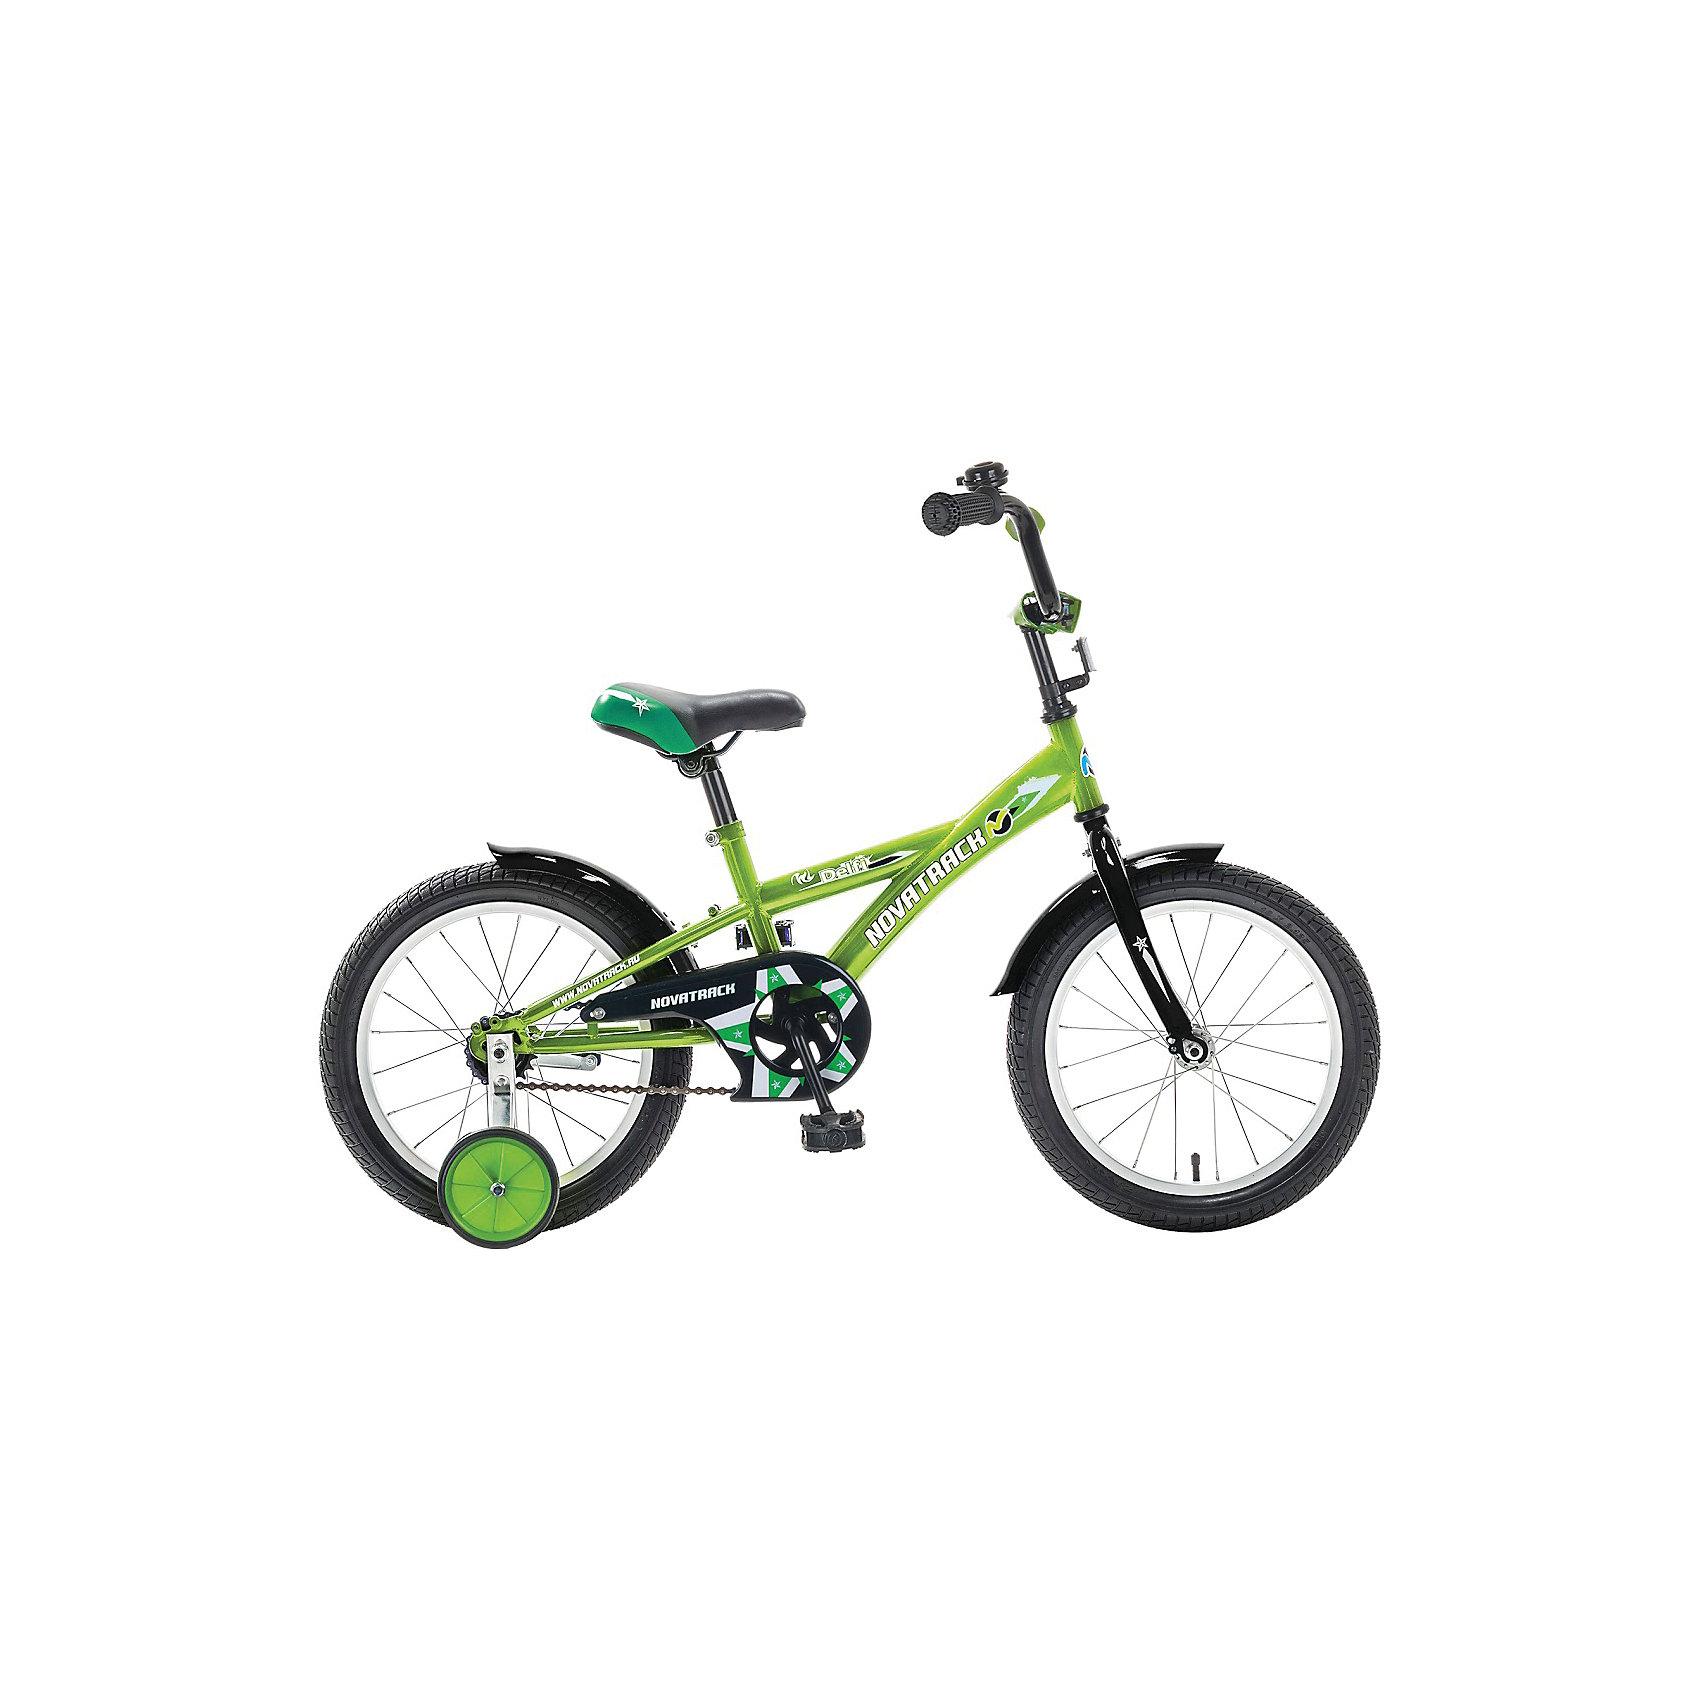 Велосипед Delfi, салатово-черный, 16 дюймов, NovatrackВелосипеды детские<br>Велосипед Novatrack Delfi c 18-дюймовыми колесами – это надежный велосипед для ребят от 6 до 9 лет. Привлекательный дизайн, надежная сборка, легкость и отличная управляемость – это еще не все плюсы данной модели. Цепь закрыта декоративной накладкой, которая защитит одежду и ноги ребенка от попадания в механизм. Данная модель специально разработана для легкого обучения езде на велосипеде. Низкая рама позволит ребенку быстро взбираться и слезать с велосипеда. Колеса закрыты крыльями, которые защитят ребенка от брызг. Велосипед оснащен дополнительными колесами, которые легко регулируются и снимаются в случае необходимости, а также ручным и ножным тормозами для наилучшего торможения.<br><br>Ширина мм: 980<br>Глубина мм: 180<br>Высота мм: 480<br>Вес г: 13000<br>Возраст от месяцев: 72<br>Возраст до месяцев: 108<br>Пол: Унисекс<br>Возраст: Детский<br>SKU: 5613211